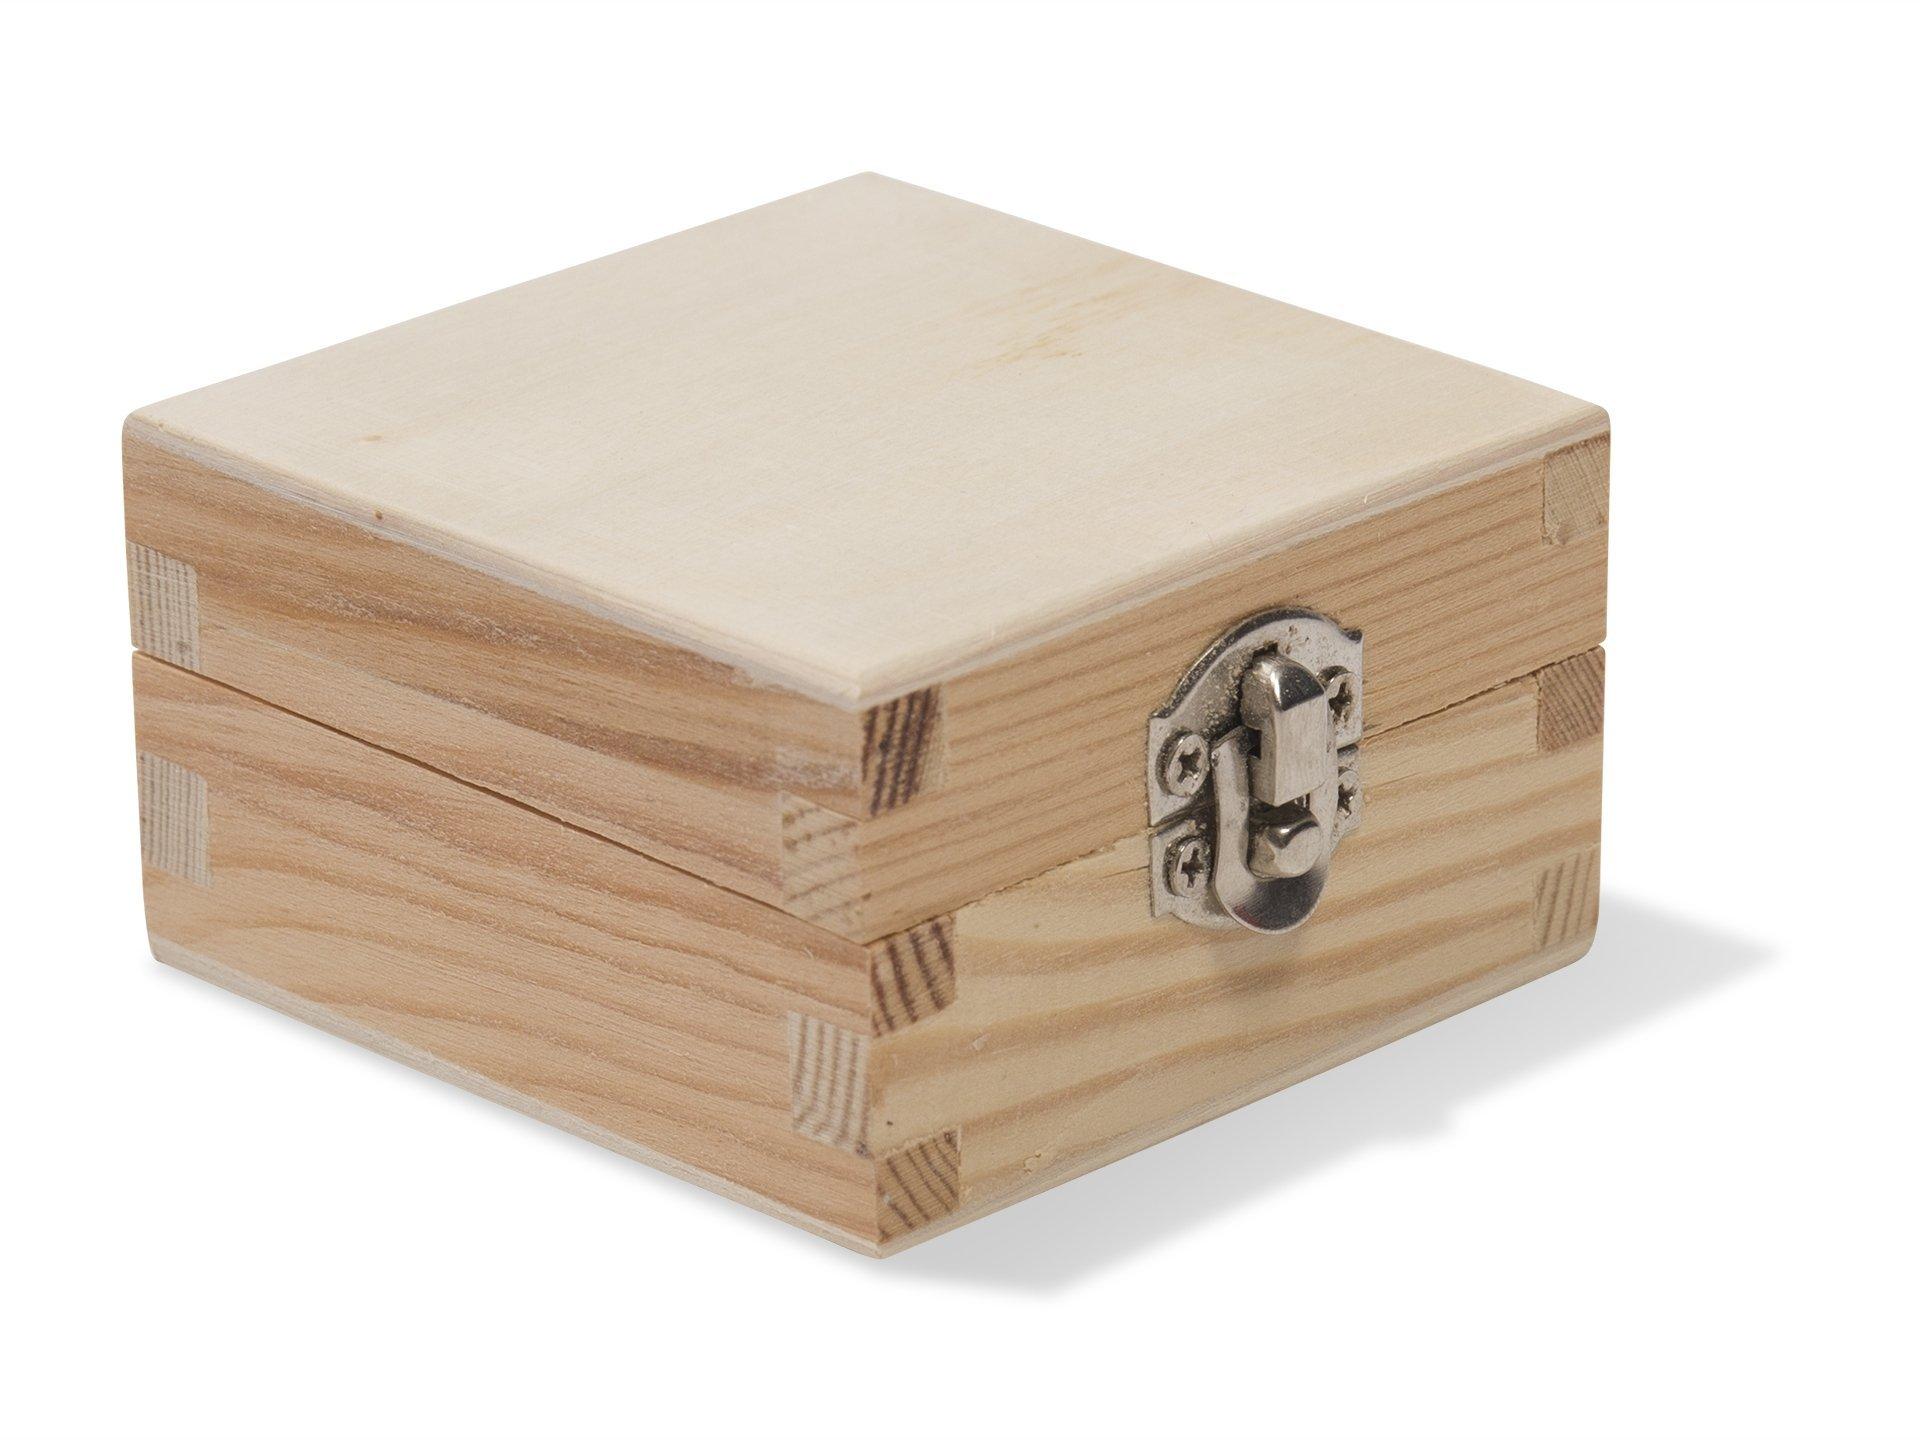 holzbox quadratisch deckel mit verschluss kaufen modulor. Black Bedroom Furniture Sets. Home Design Ideas